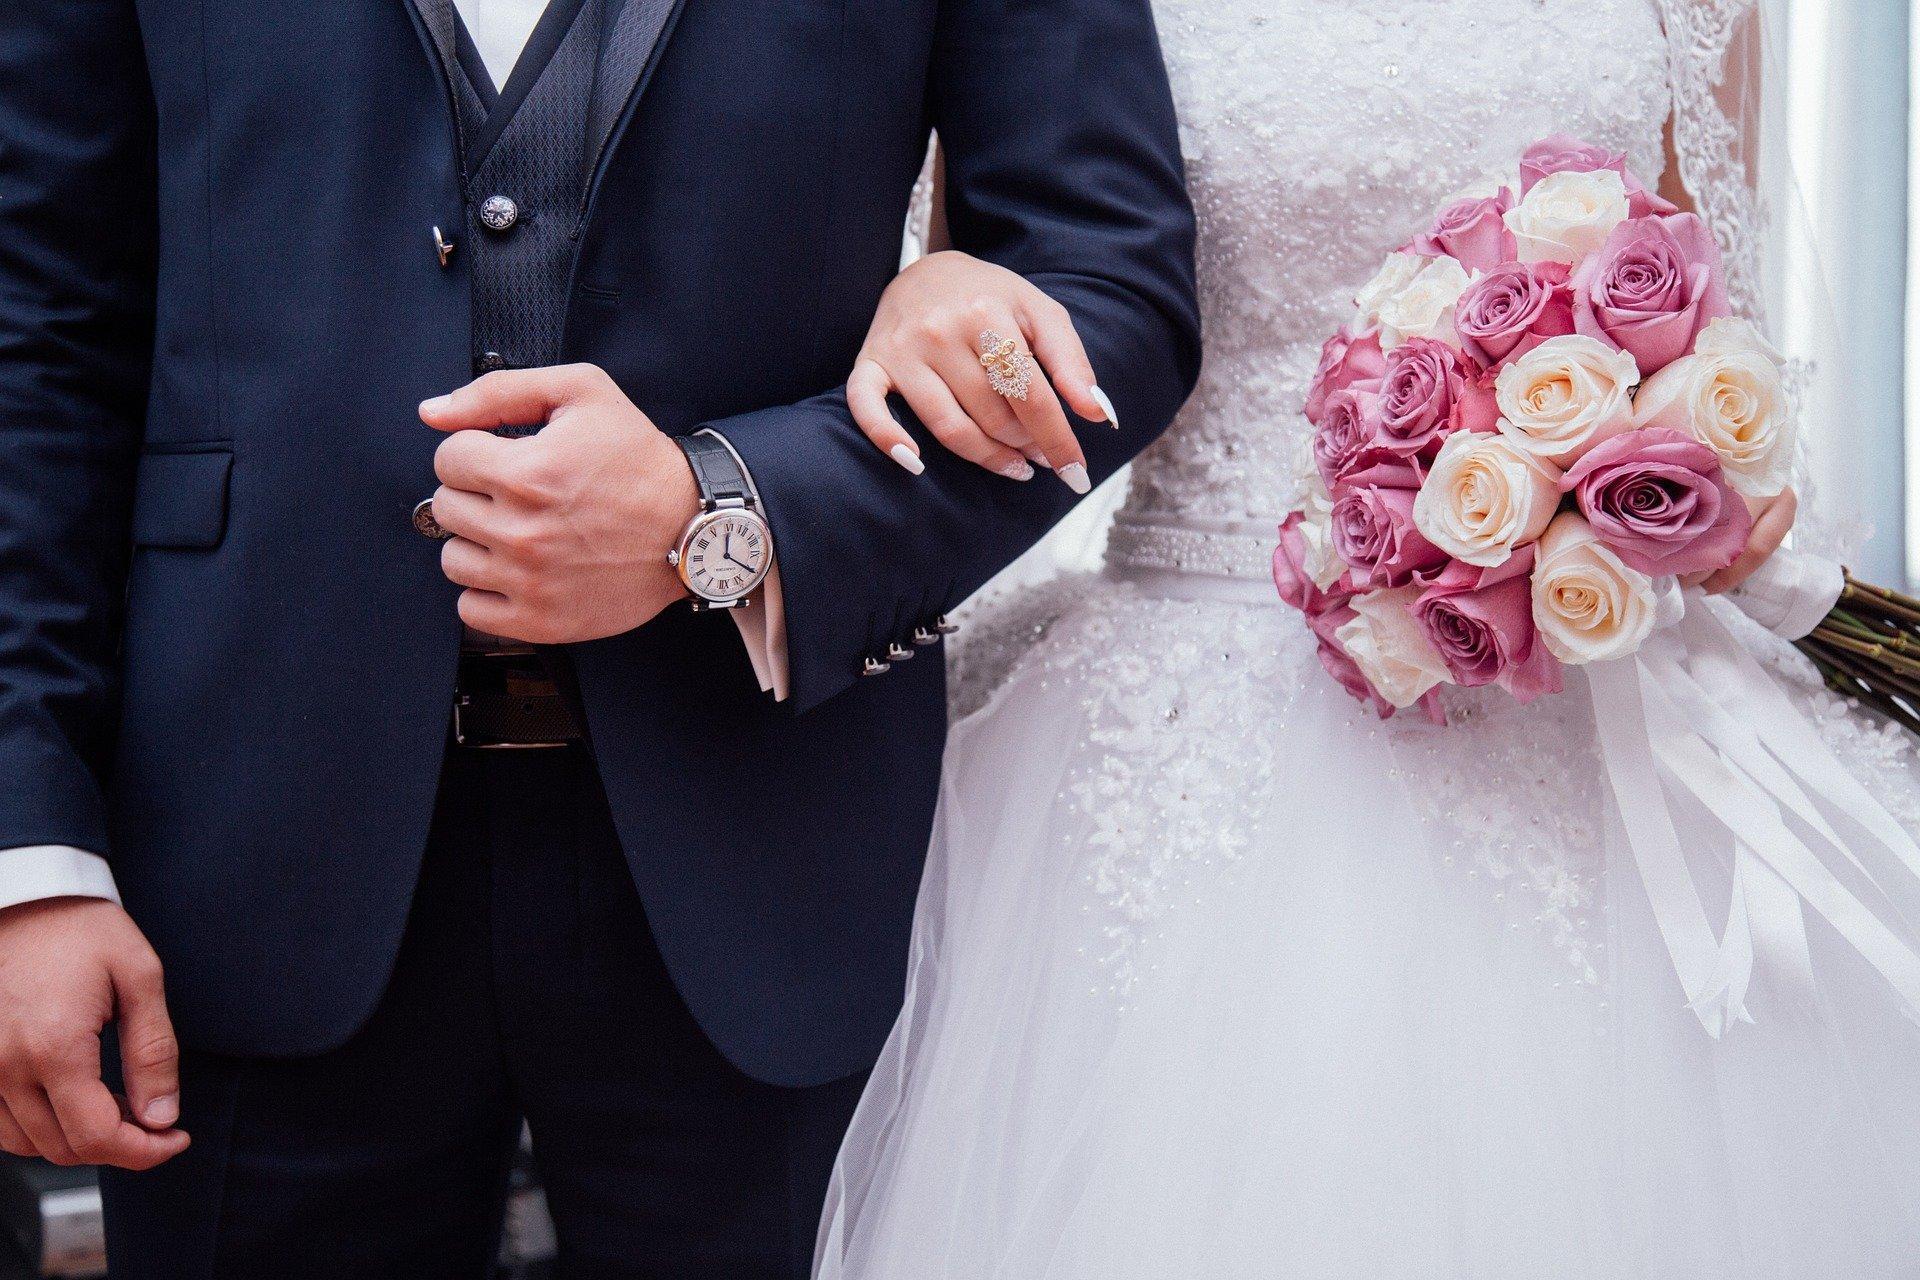 Bild Hochzeitspaar, Quelle: Bild von StockSnap auf Pixabay